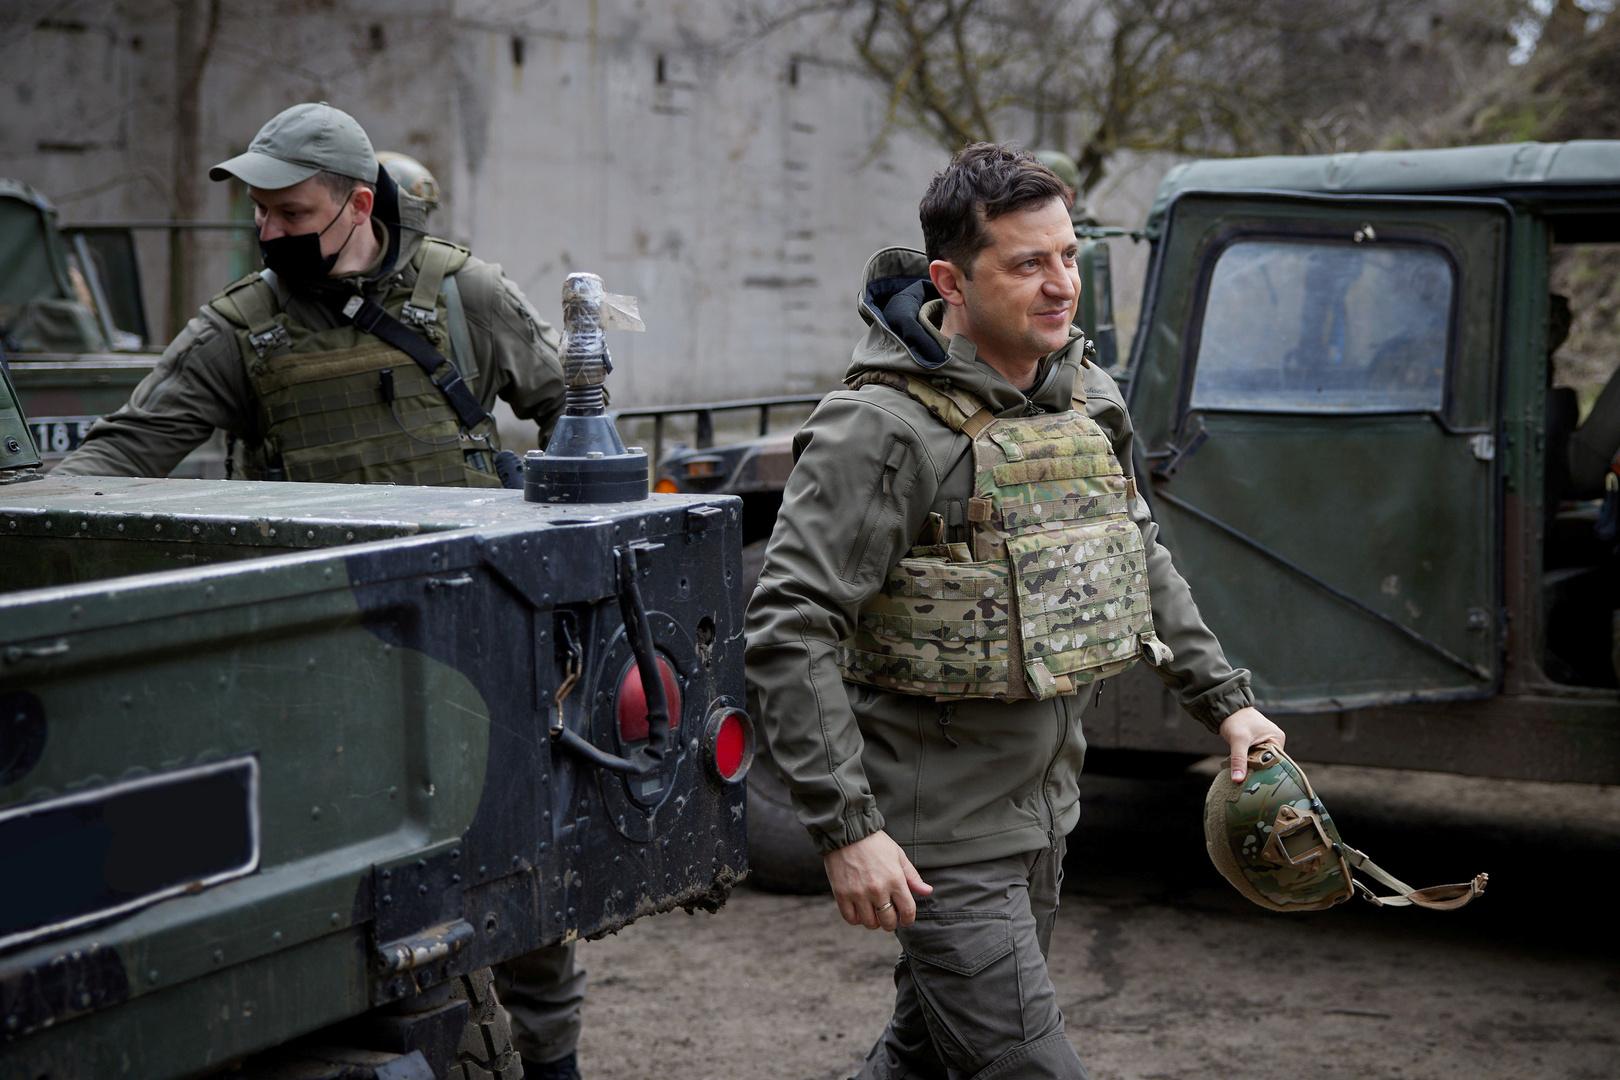 CNN تسحب من مقالتها حول الوضع في دونباس صورة انتقدتها الخارجية الروسية